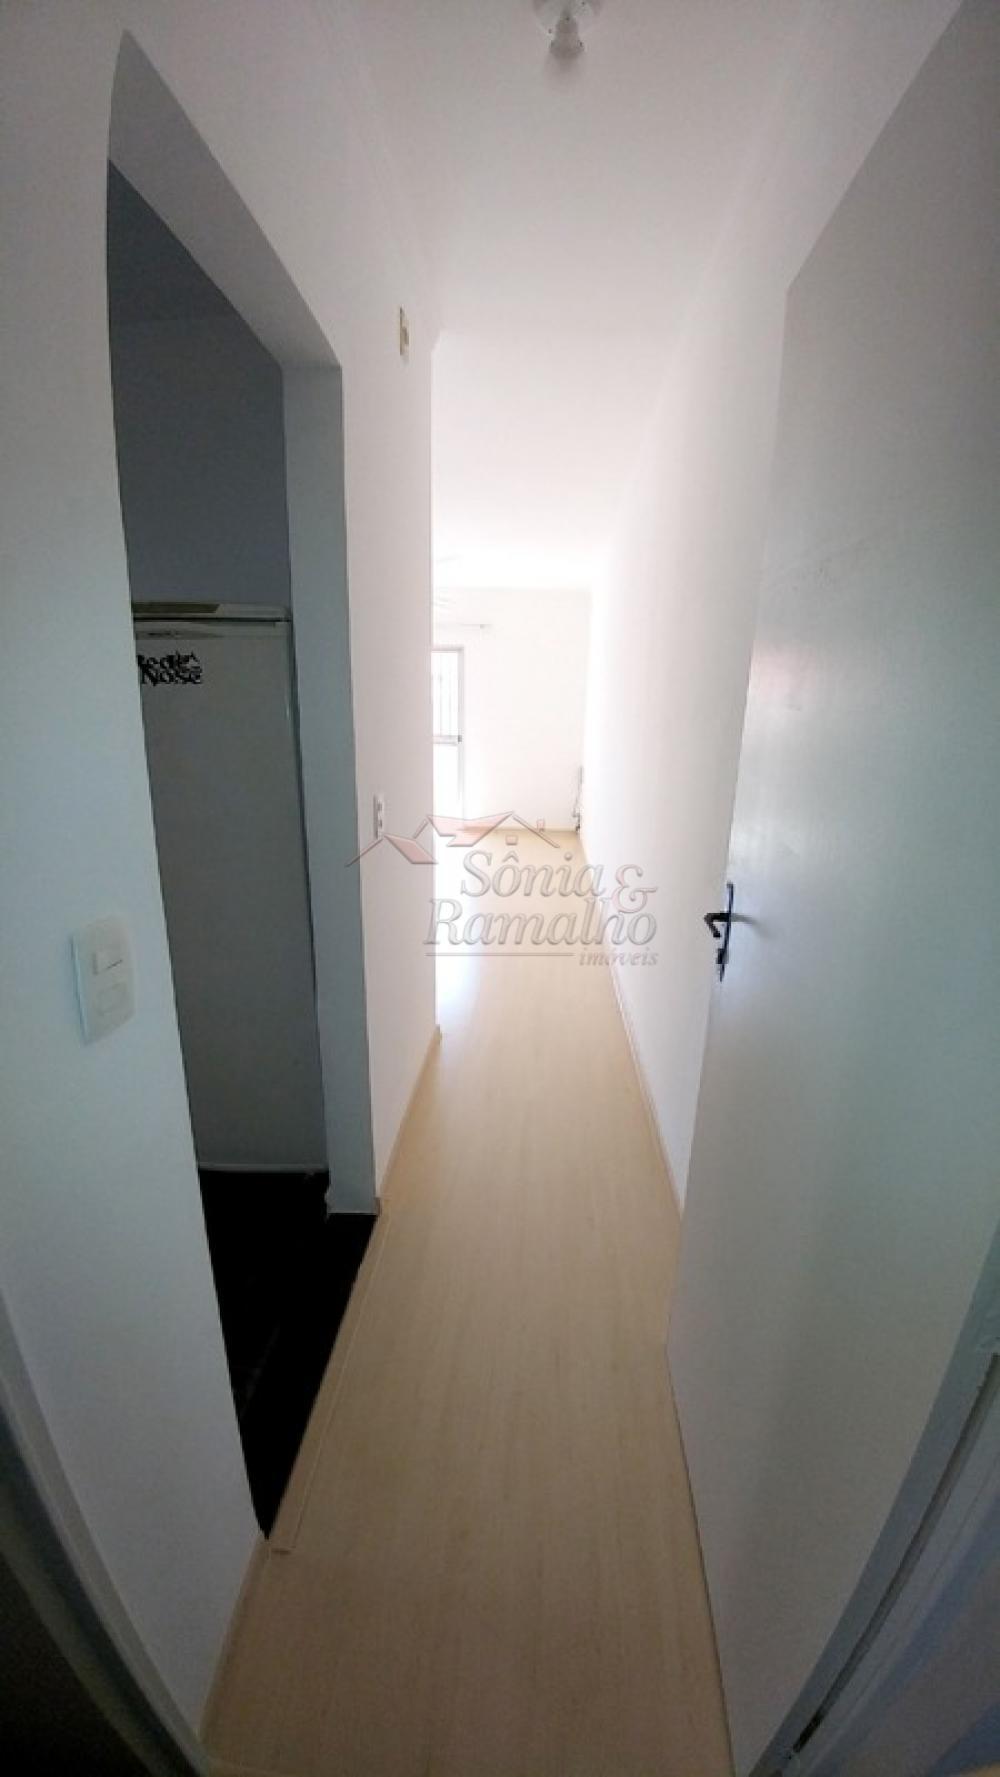 Comprar Apartamentos / Padrão em Ribeirão Preto apenas R$ 133.900,00 - Foto 6